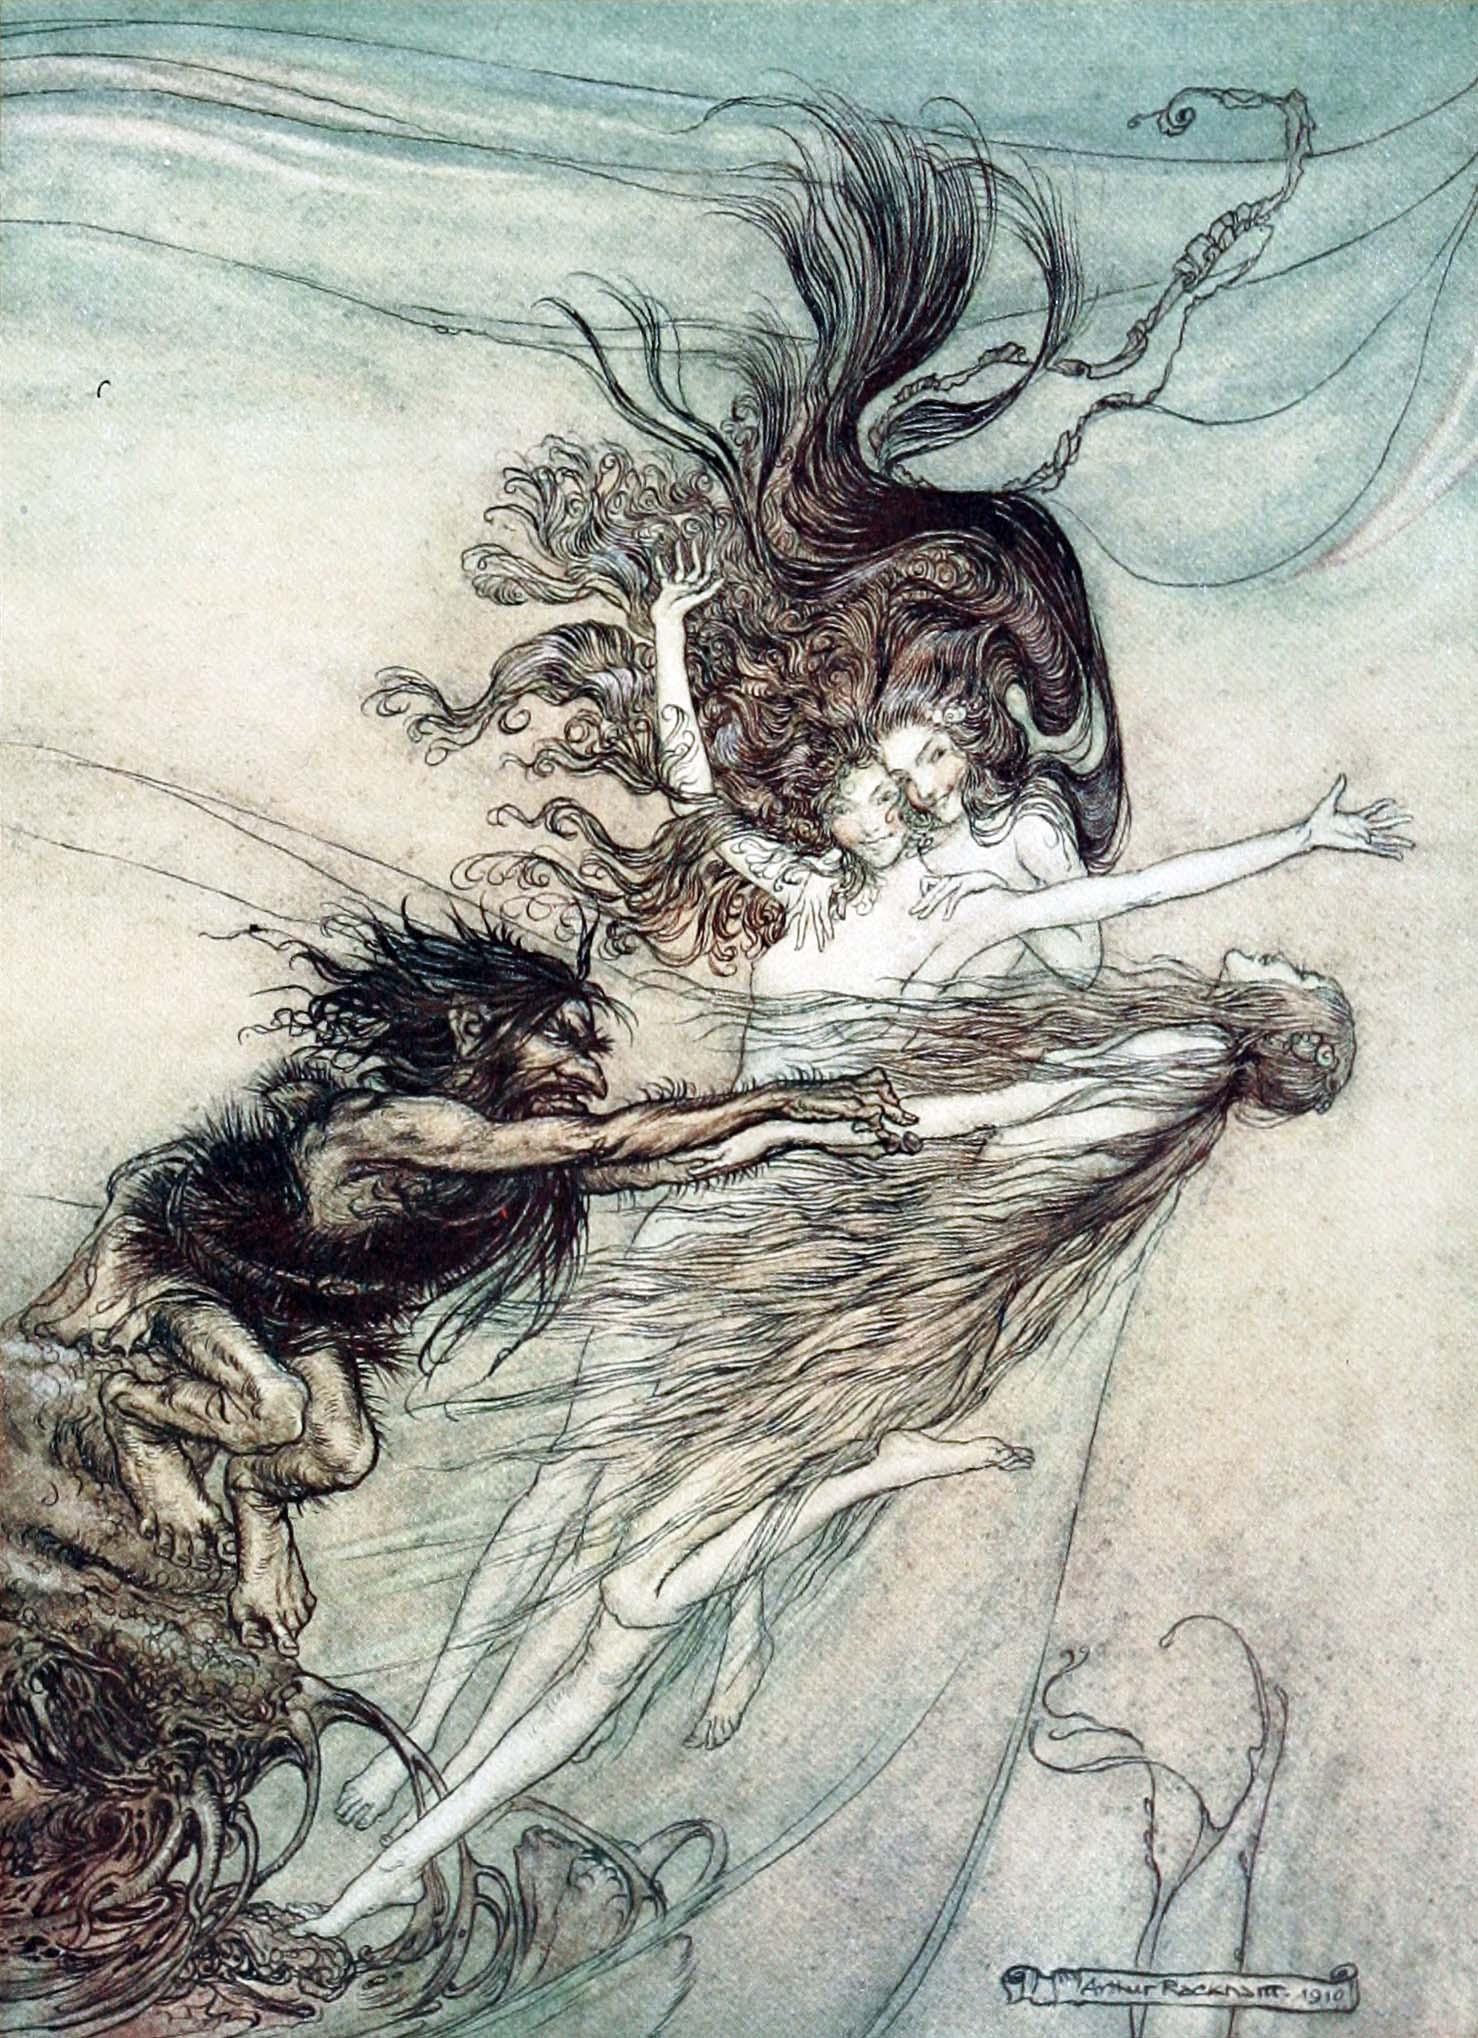 Arthur Rackham, The Rhine-Maidens teasing Alberich, Die Rheintöchter necken Alberich, 1910